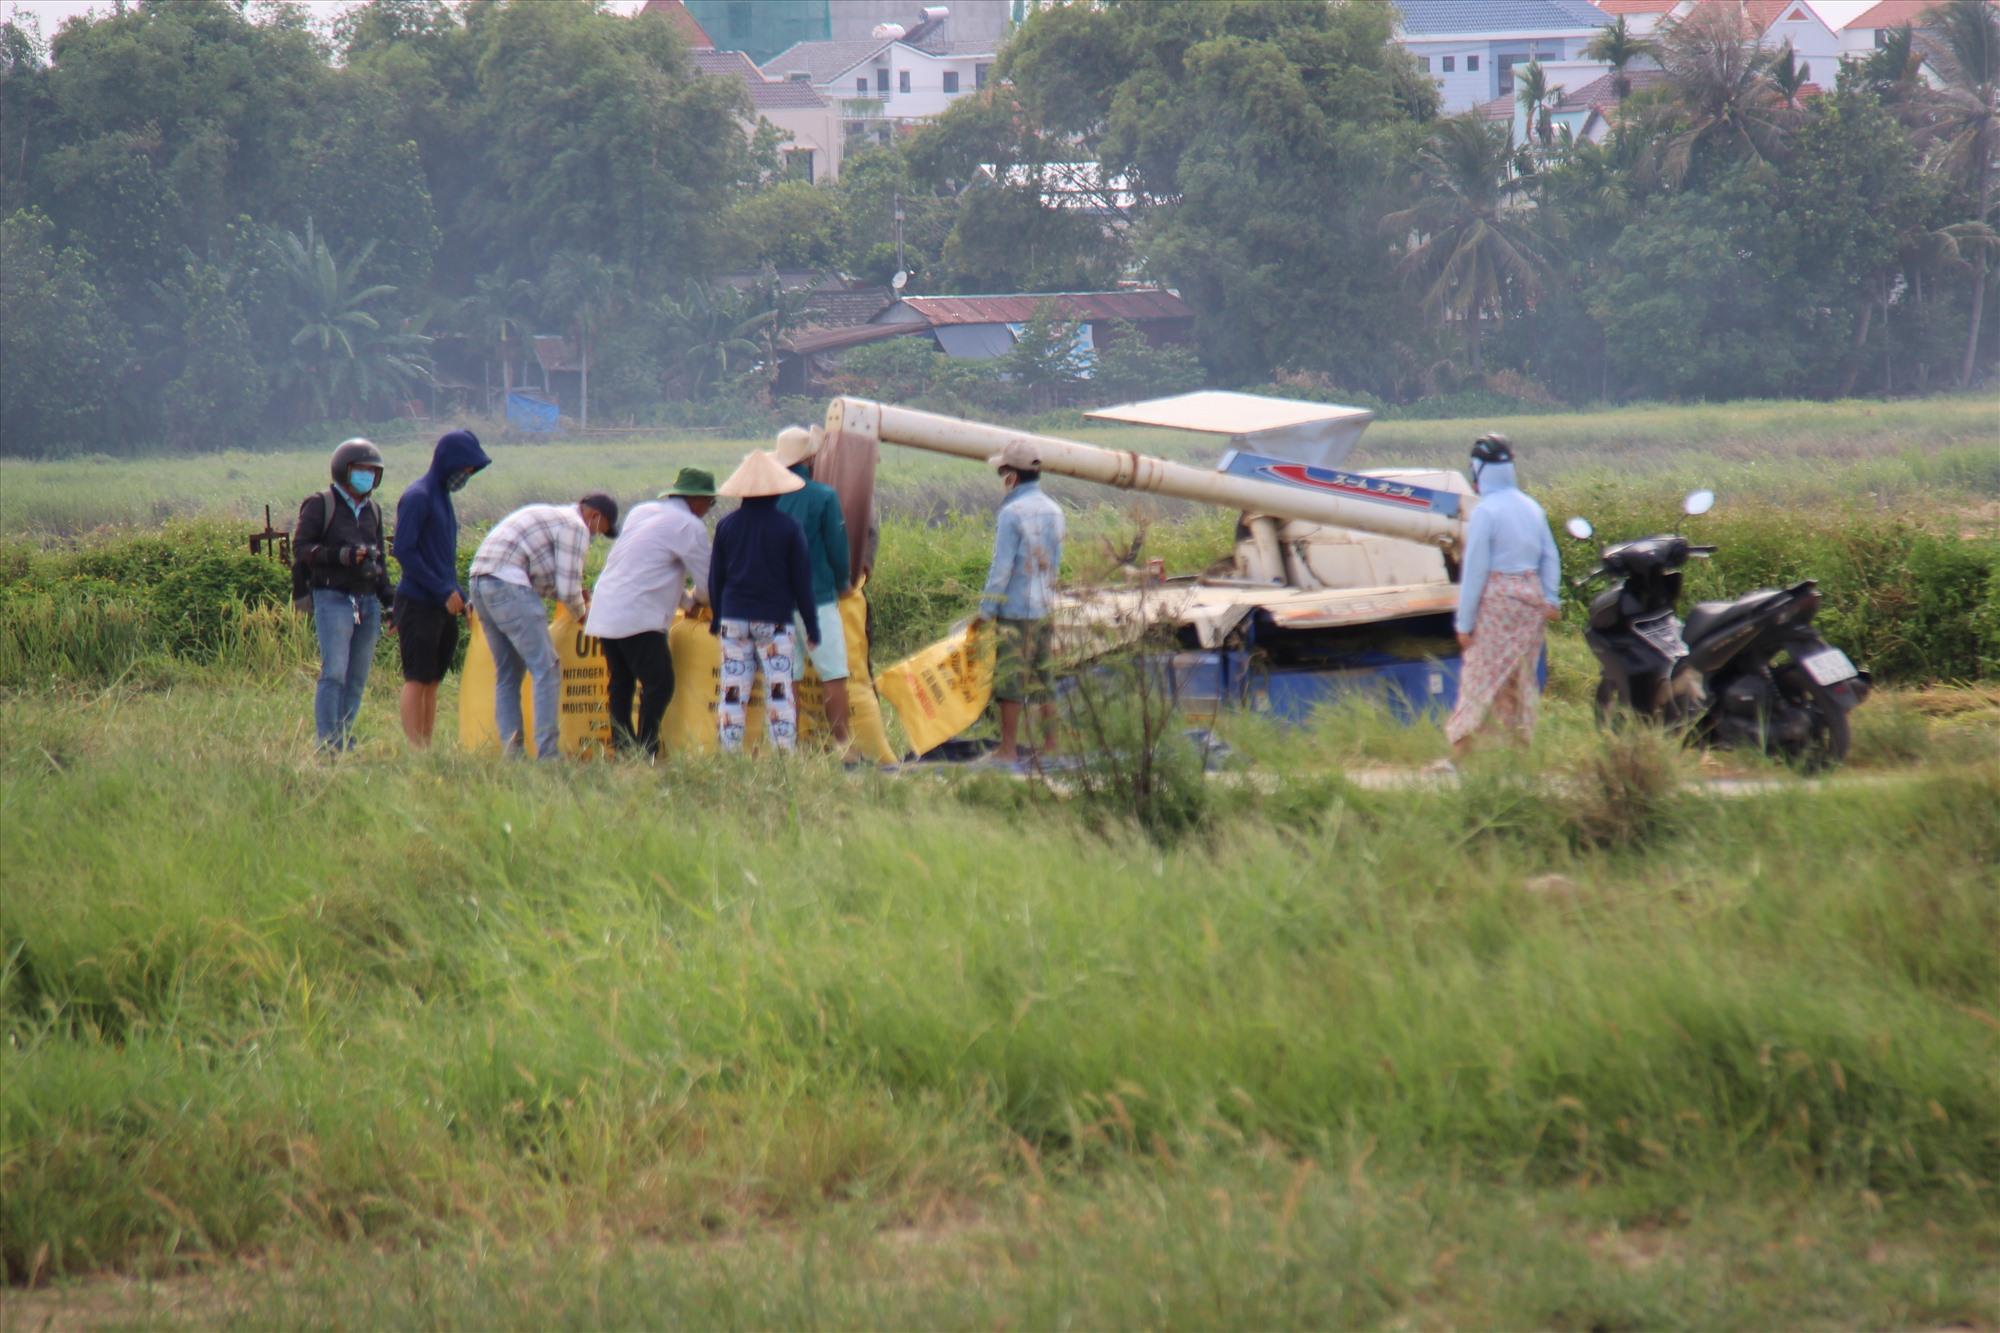 Người dân thu hoạch lúa trước khi bão số 5 đổ bộ vào miền Trung. Ảnh: THANH THẮNG